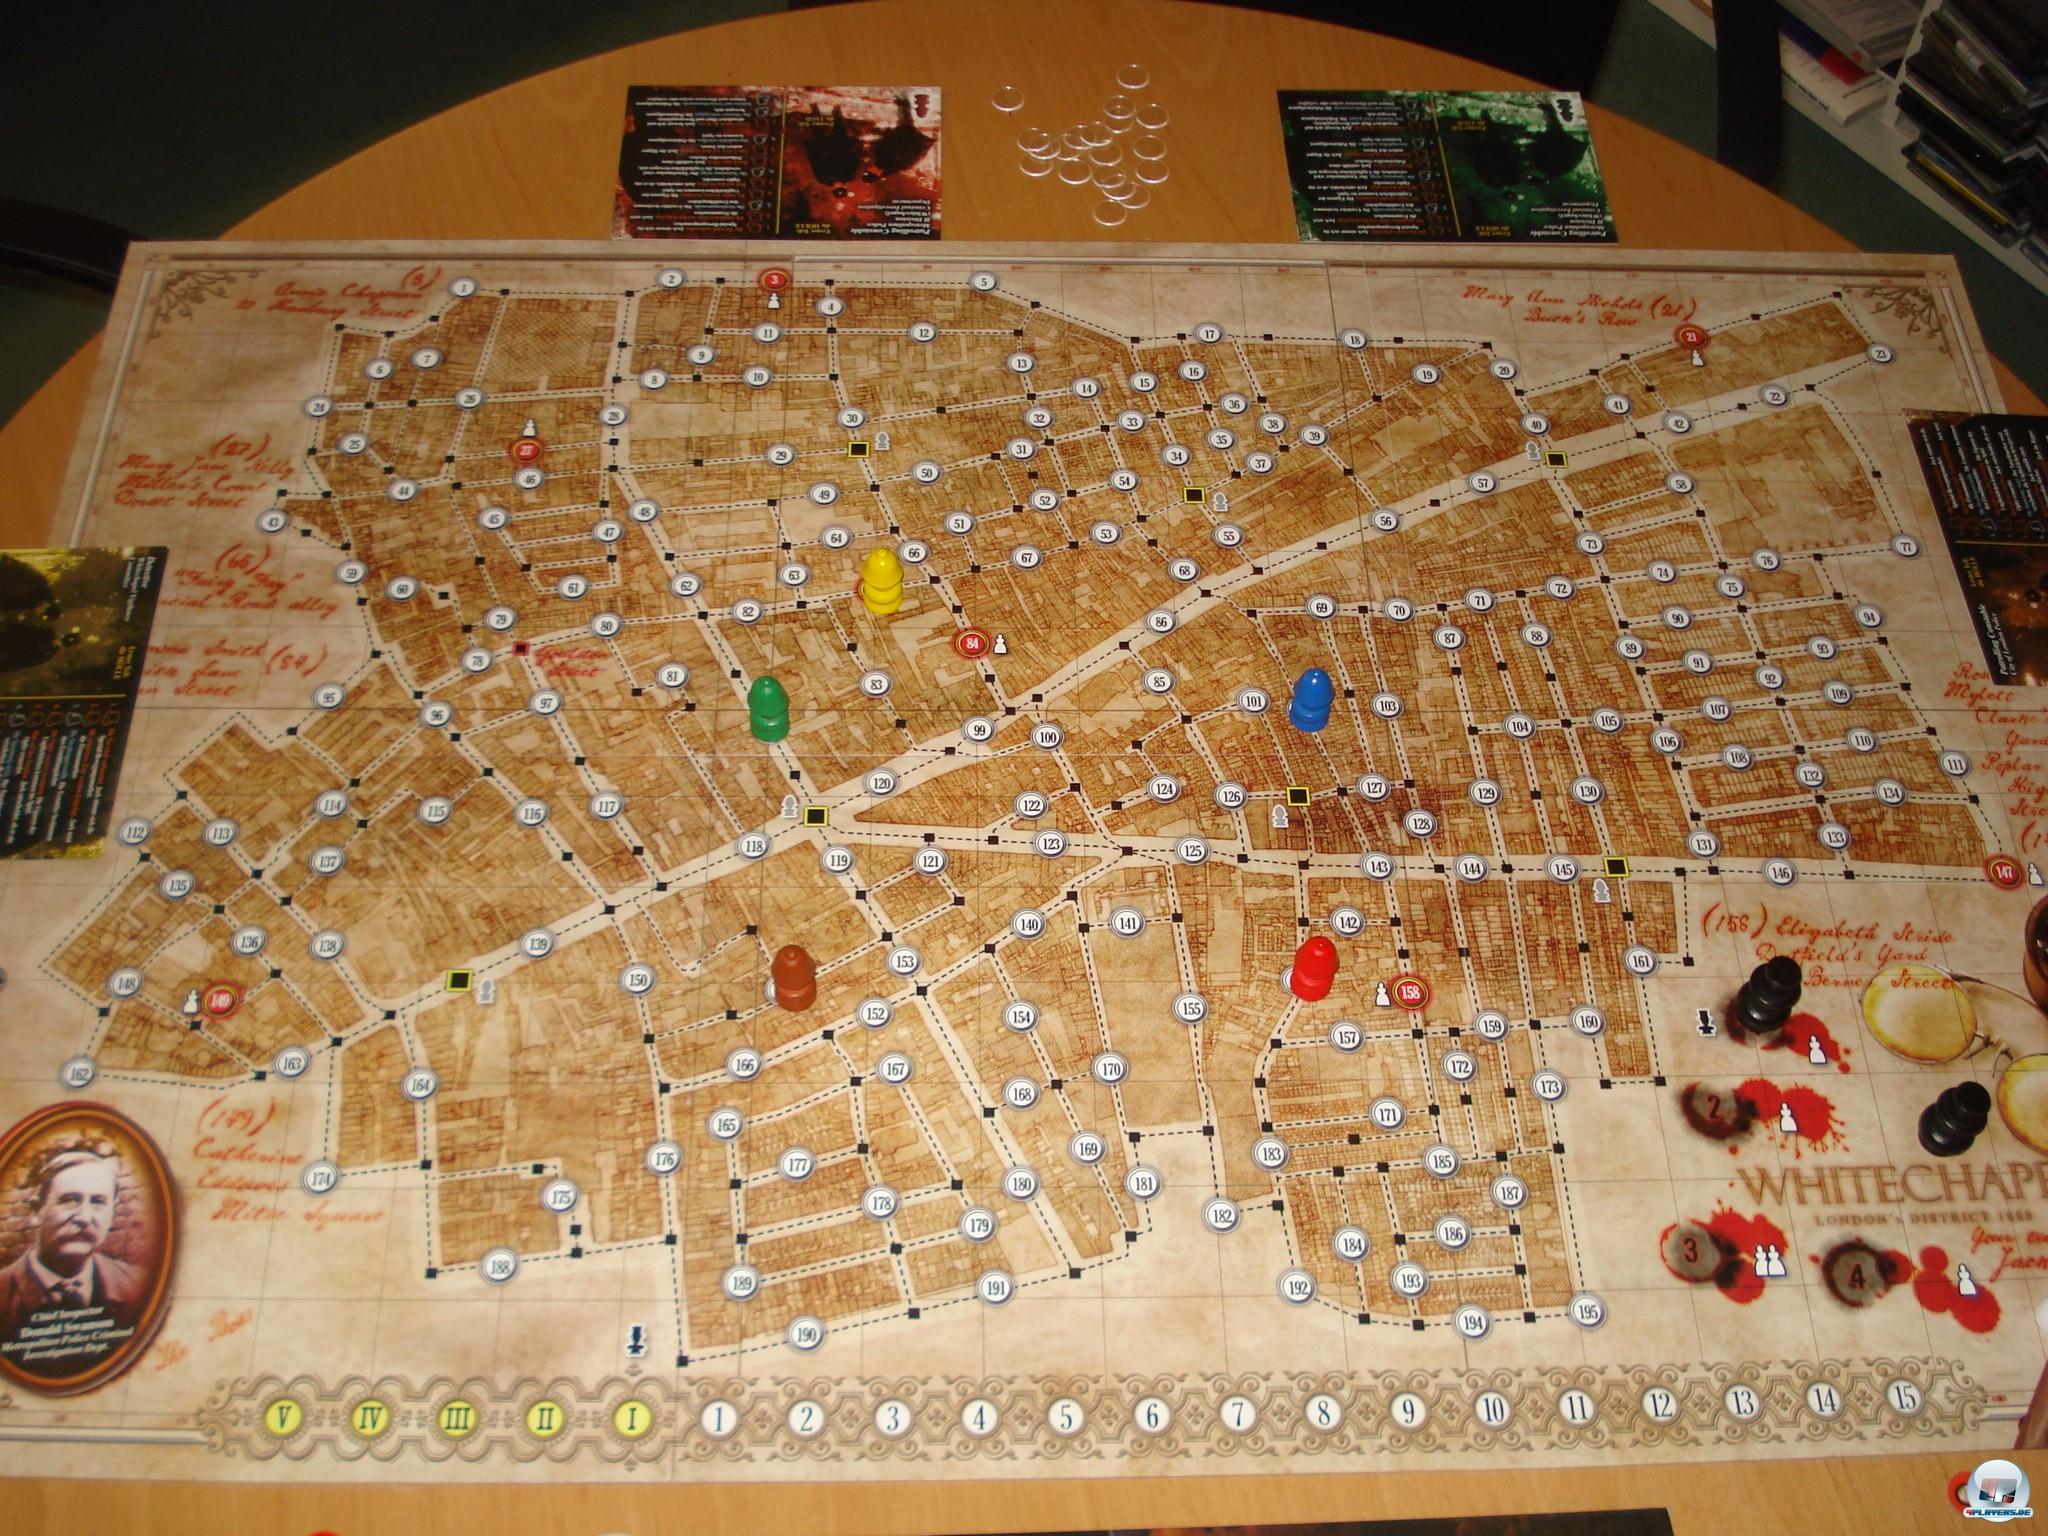 Bis zu f�nf Ermittler jagen Jack the Ripper durch ein Stra�enlabyrinth.